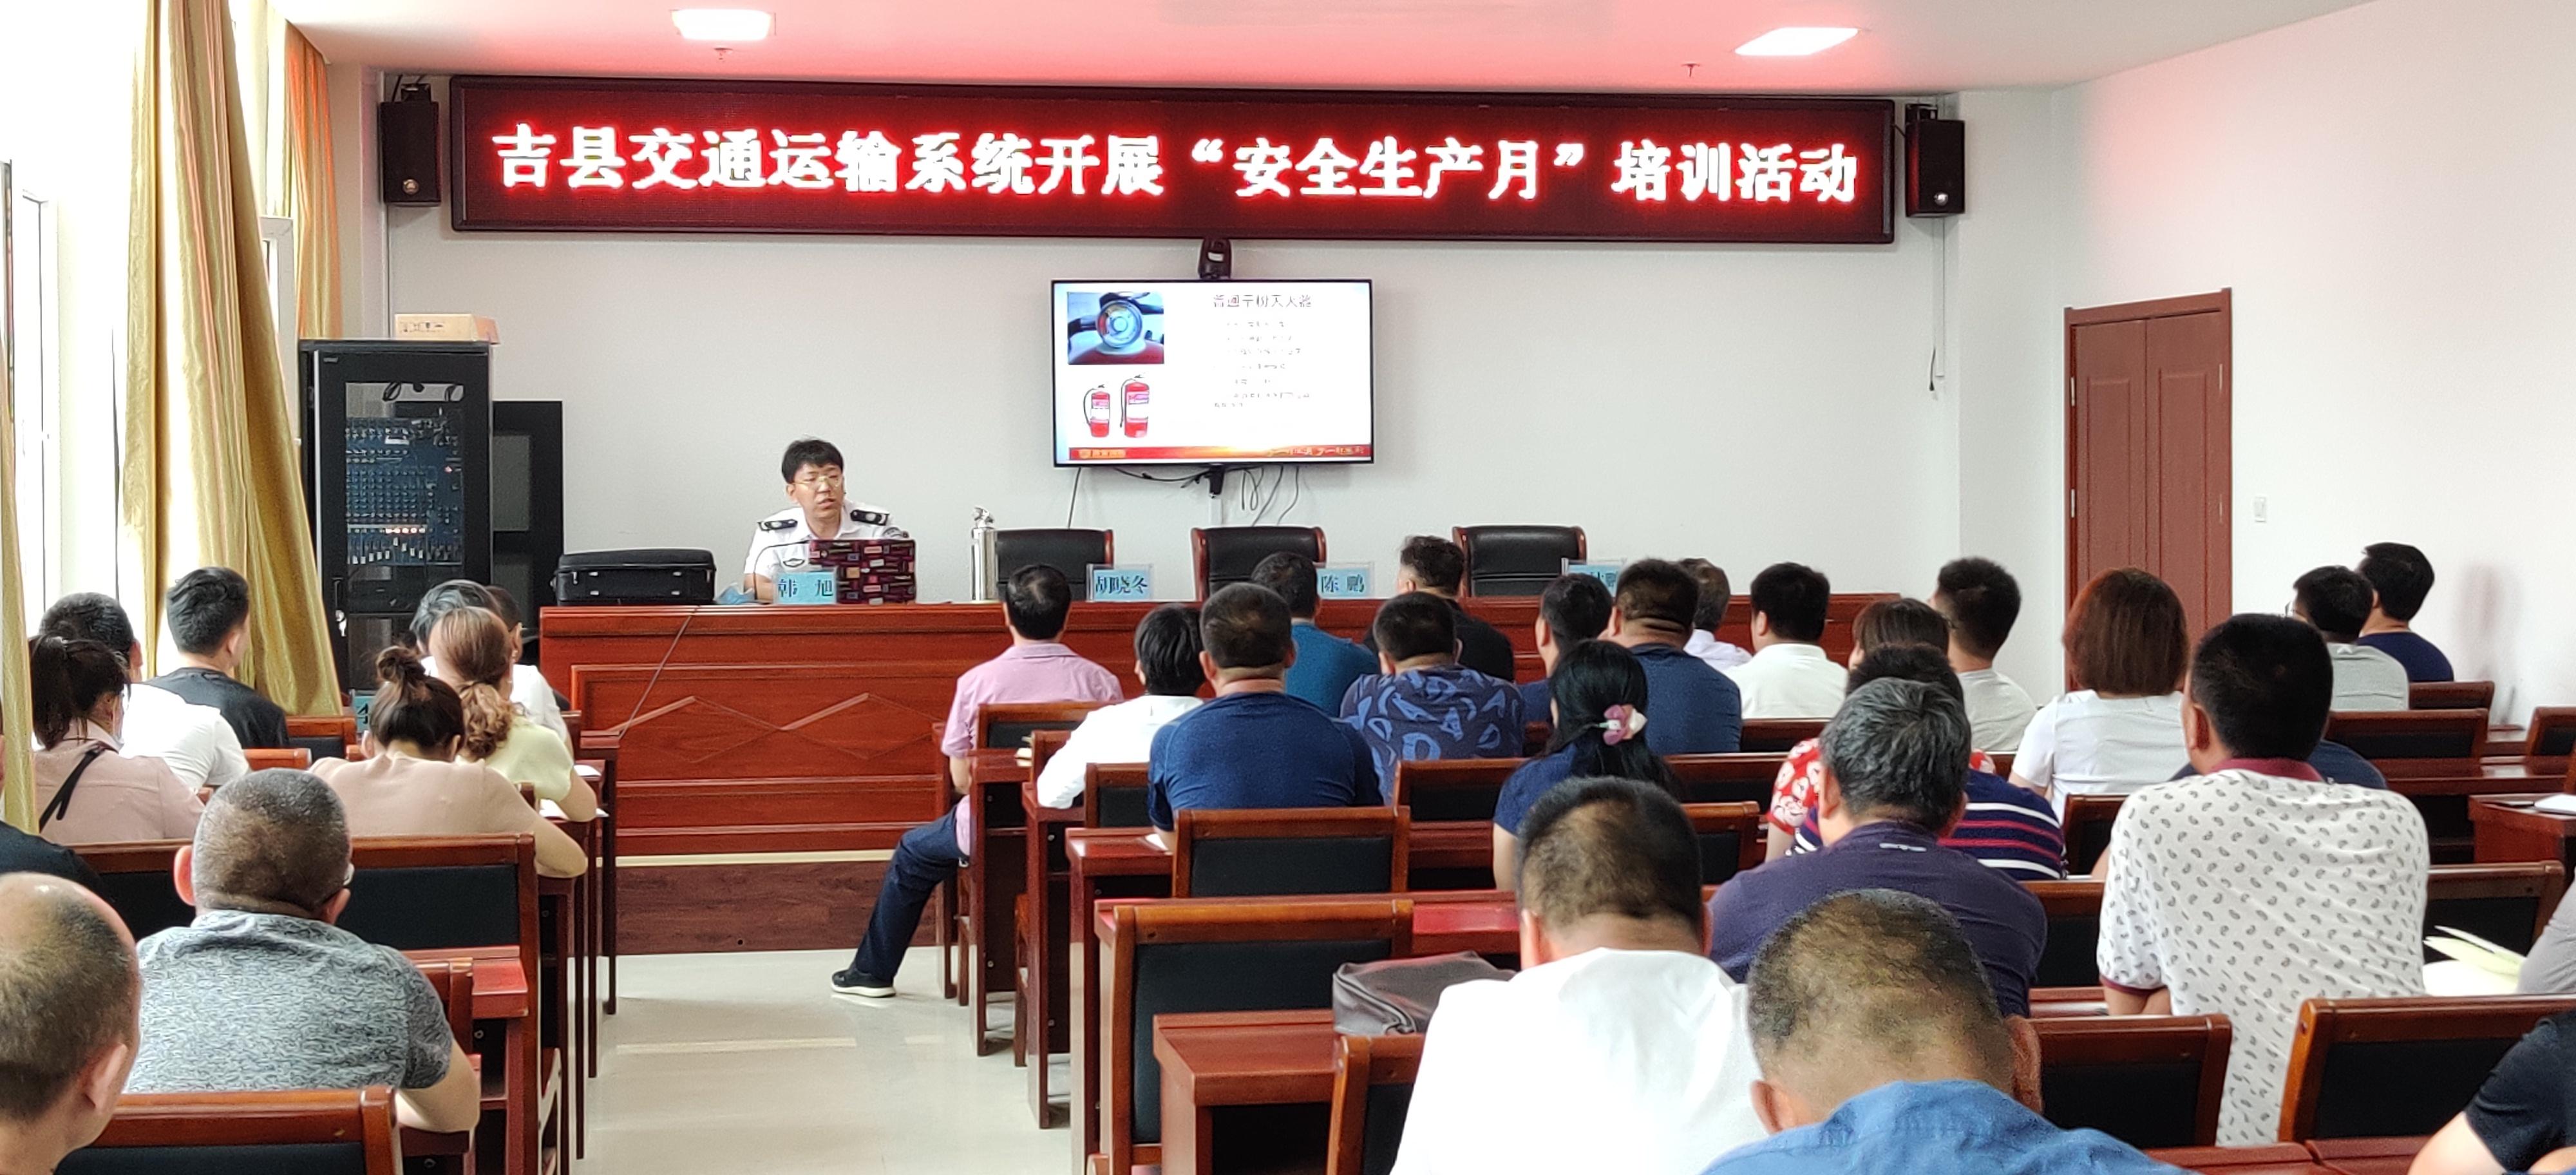 临汾分中心为吉县交通运输局开展专题消防培训